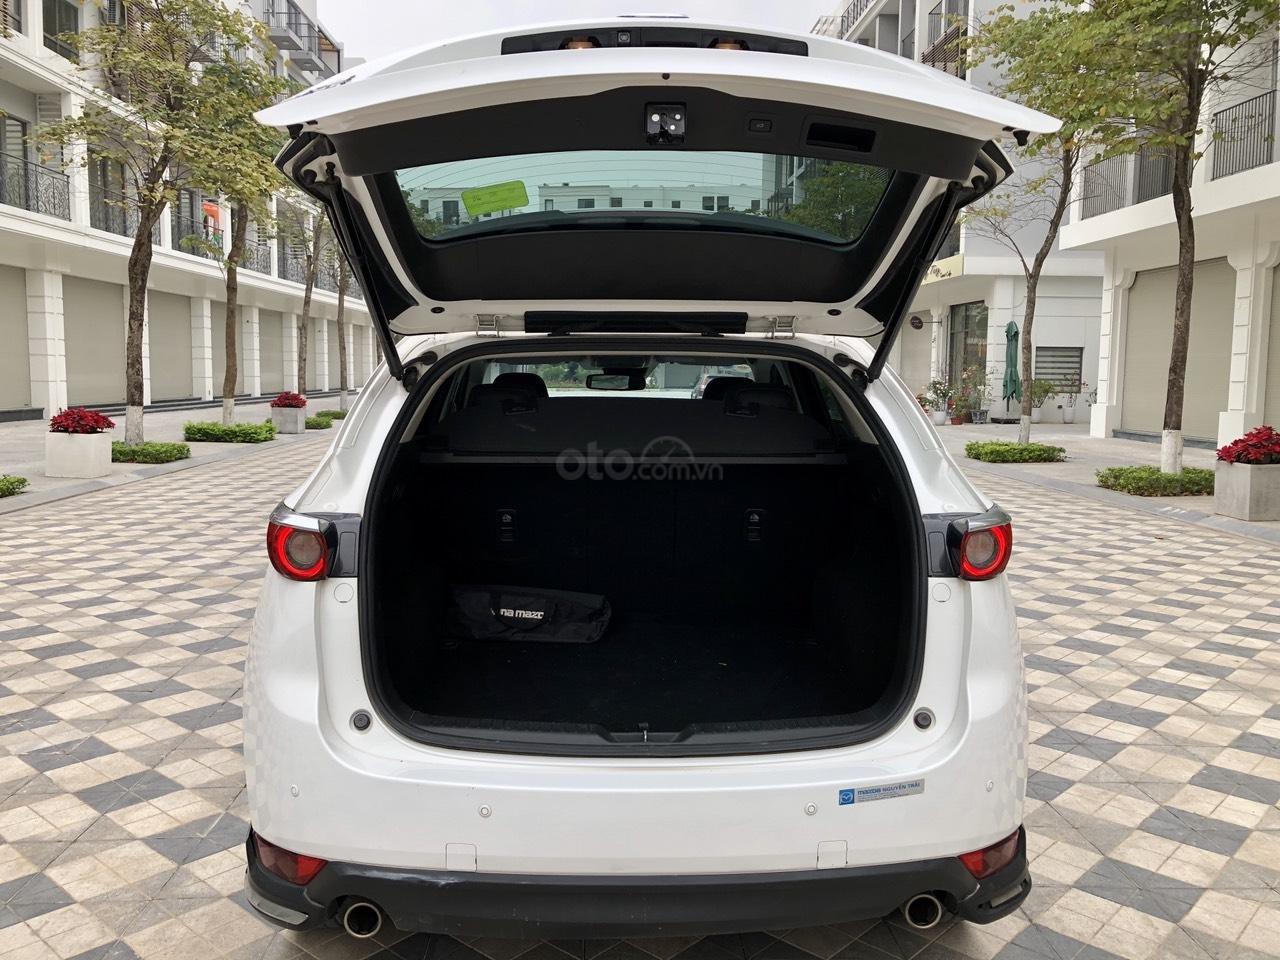 [Hot] bán nhanh Mazda CX5 2.5 đời 2018 màu trắng, xe 1 chủ từ đầu biển HN, xe đẹp không 1 lỗi nhỏ (15)